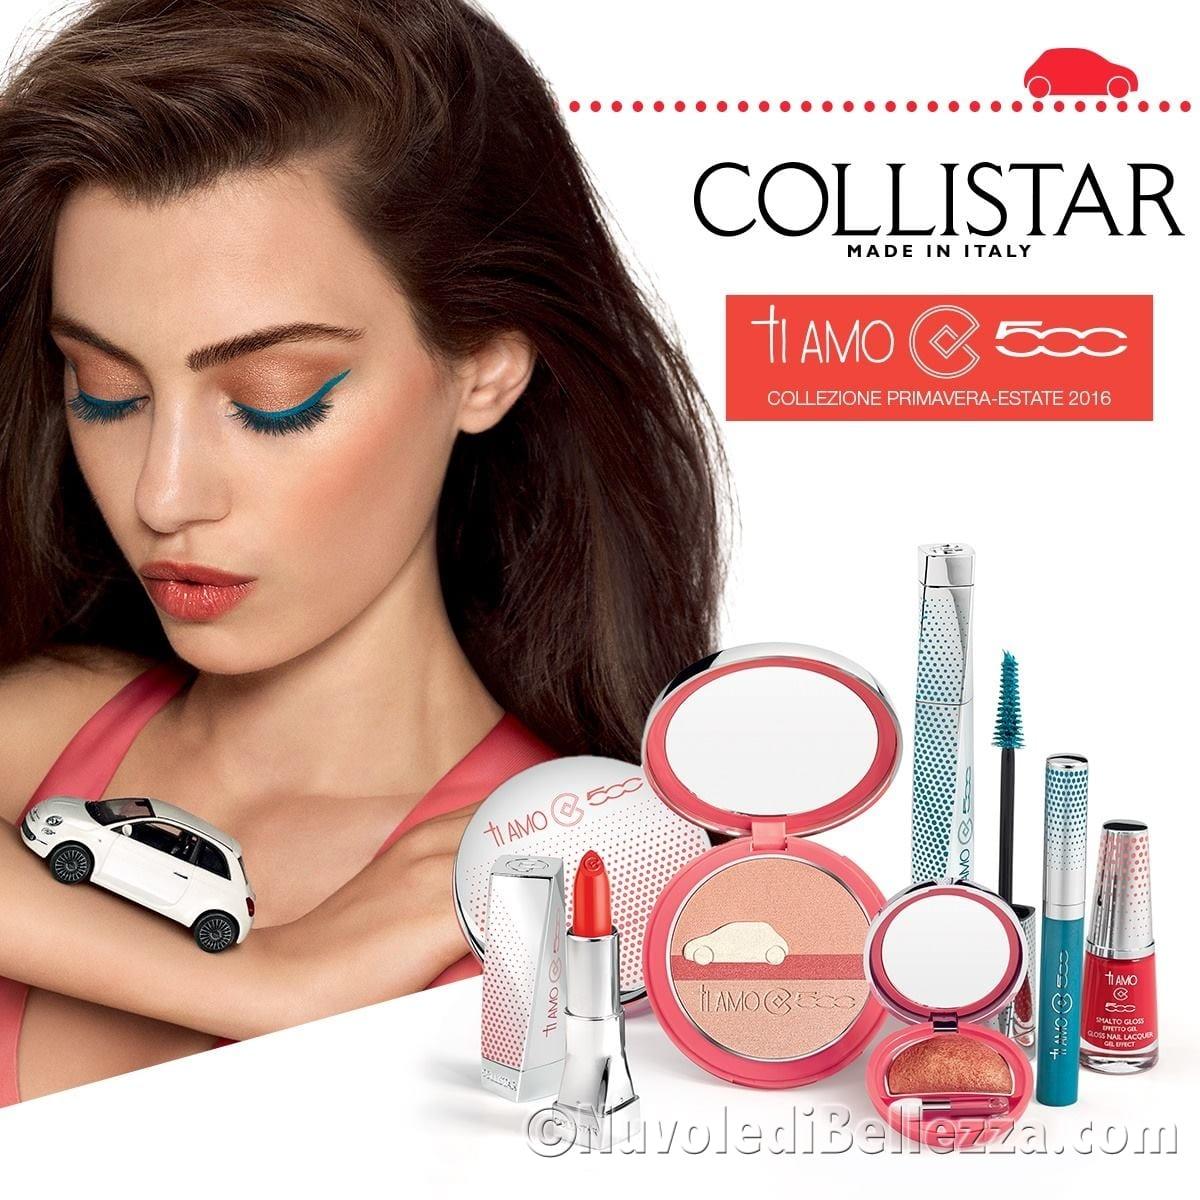 Collistar ti amo 500 collezione trucco primavera 2016 for Collistar italia